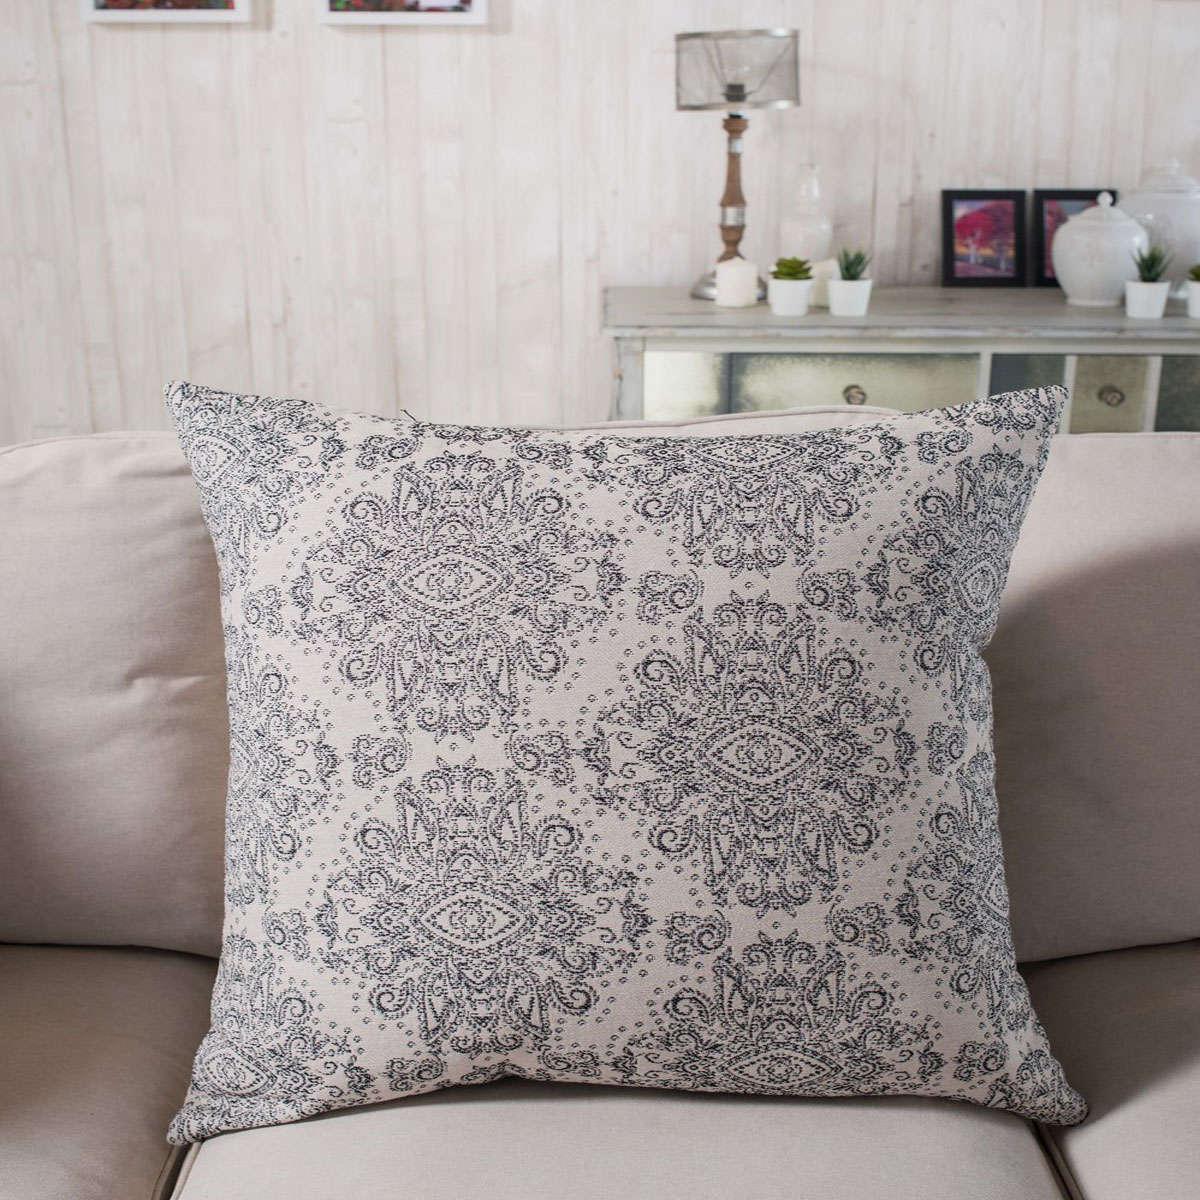 Μαξιλαροθήκη Διακοσμητική Firenze 09 Dark Grey Teoran 45X45 Βαμβάκι-Polyester